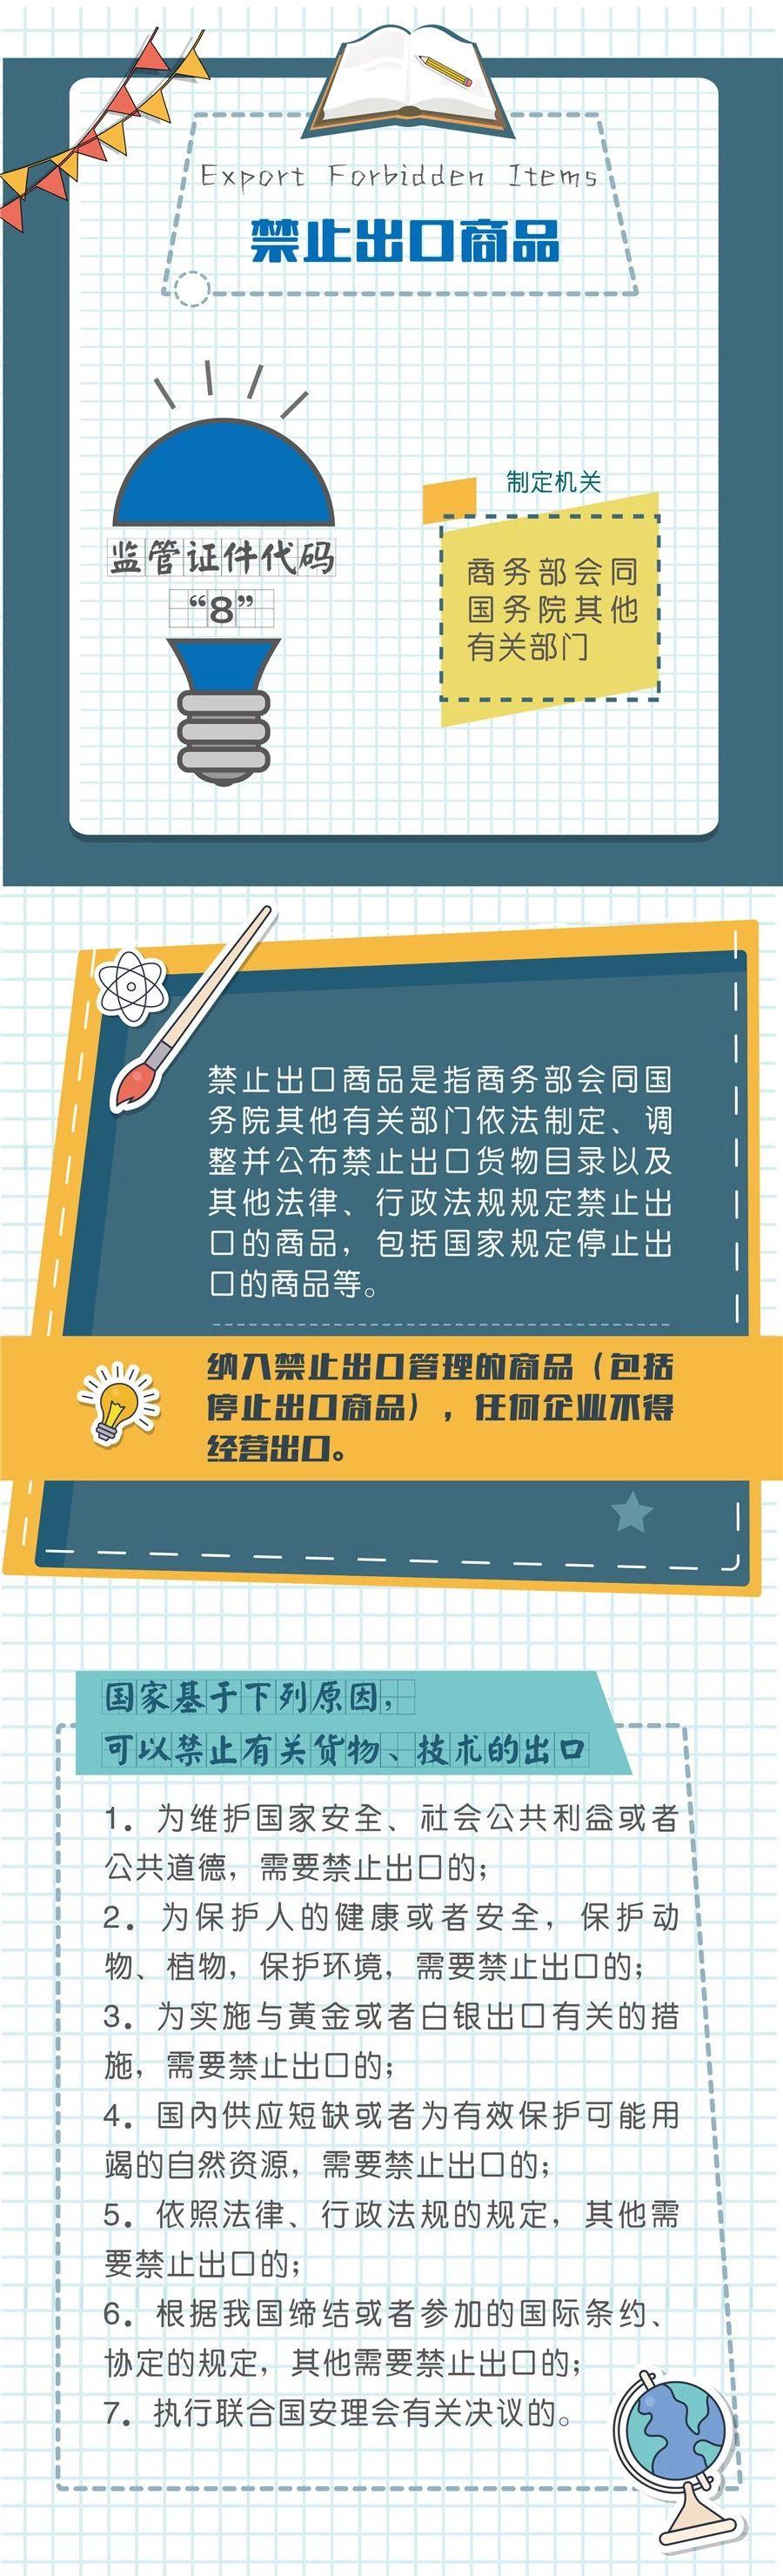 旧机电产品禁止进口89.jpg